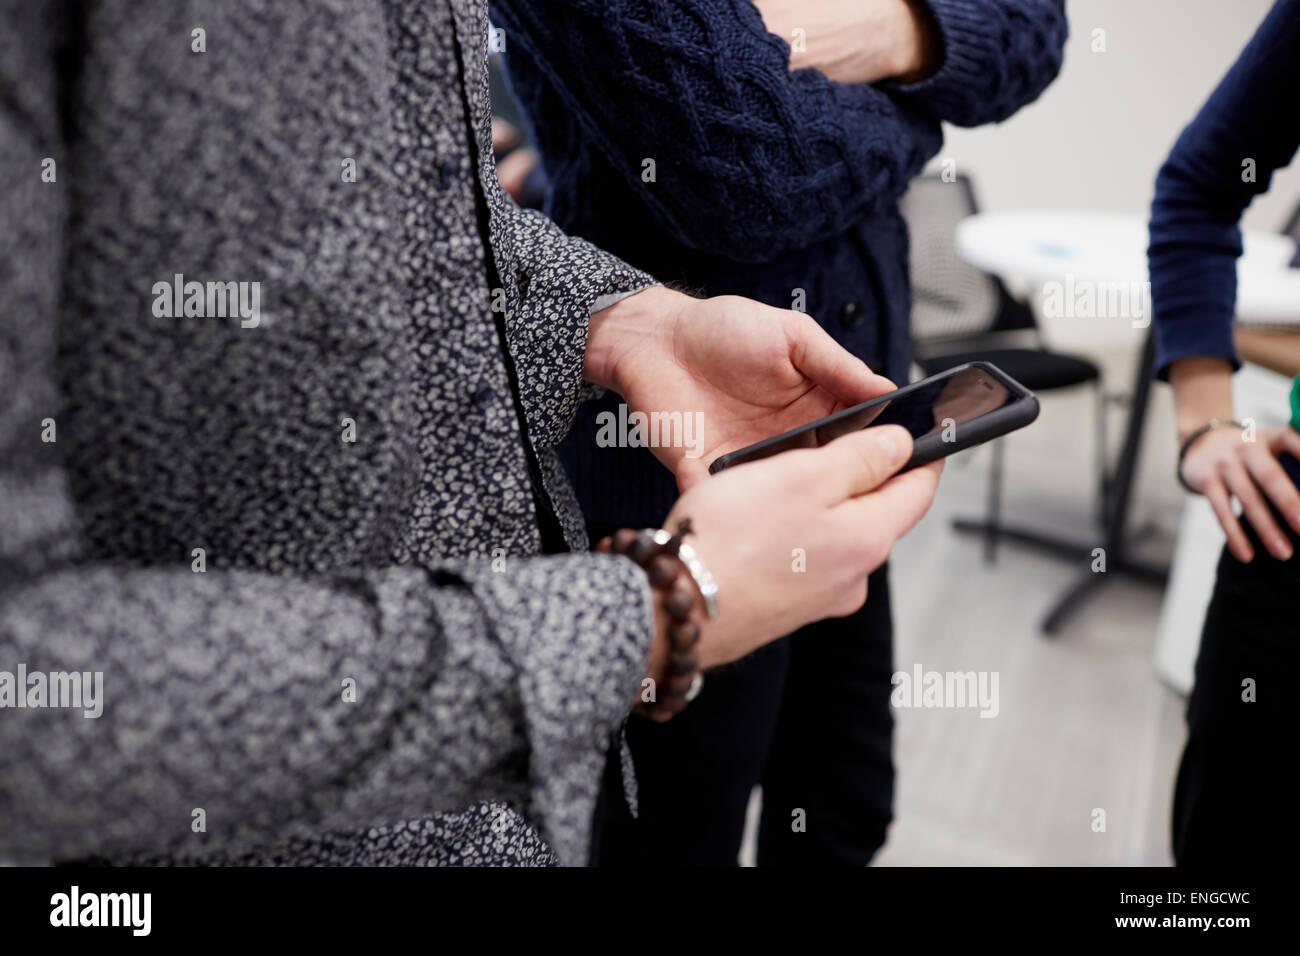 Tres personas en una oficina permanente, uno sosteniendo un teléfono inteligente. Una reunión standup. Imagen De Stock